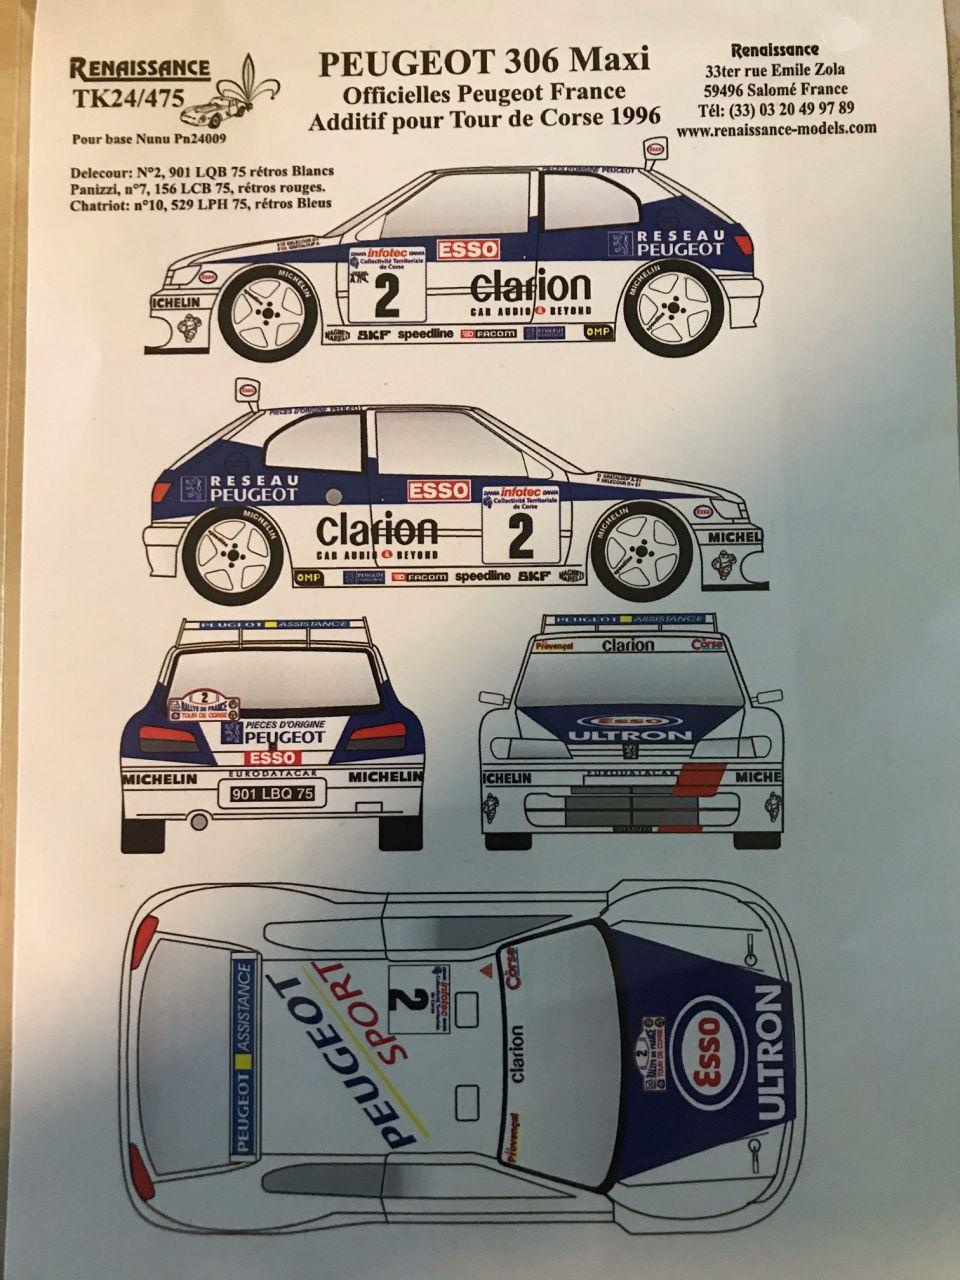 Renaissance TK24/475 Peugeot 306 Maxi Officielles Peugeot France Tour de Corse 1996